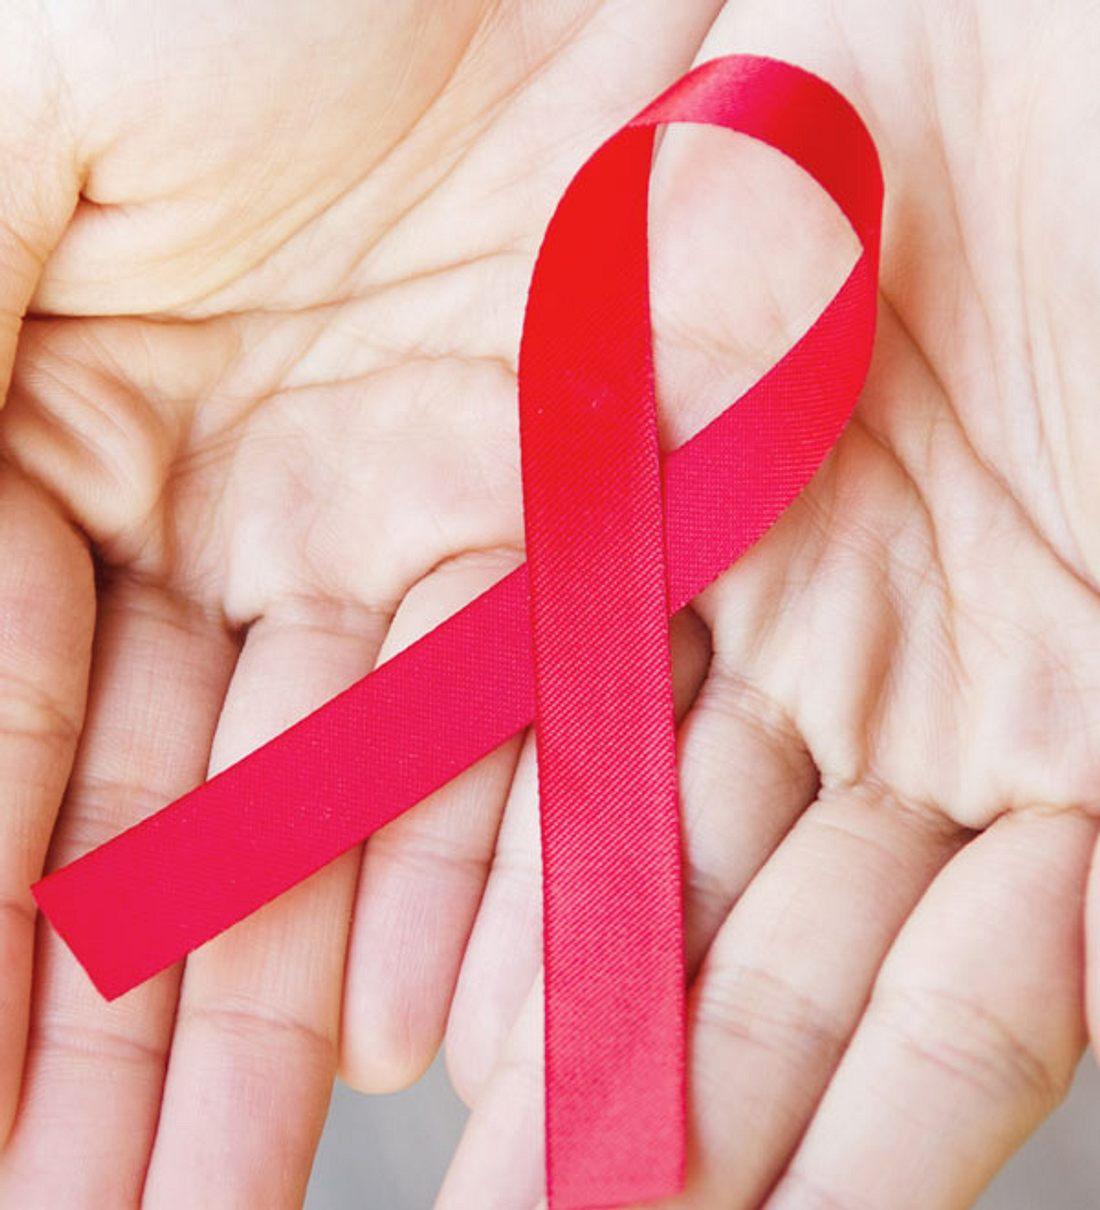 Mann infiziert absichtlich 29 Frauen mit HIV! Eine von ihnen war schwanger